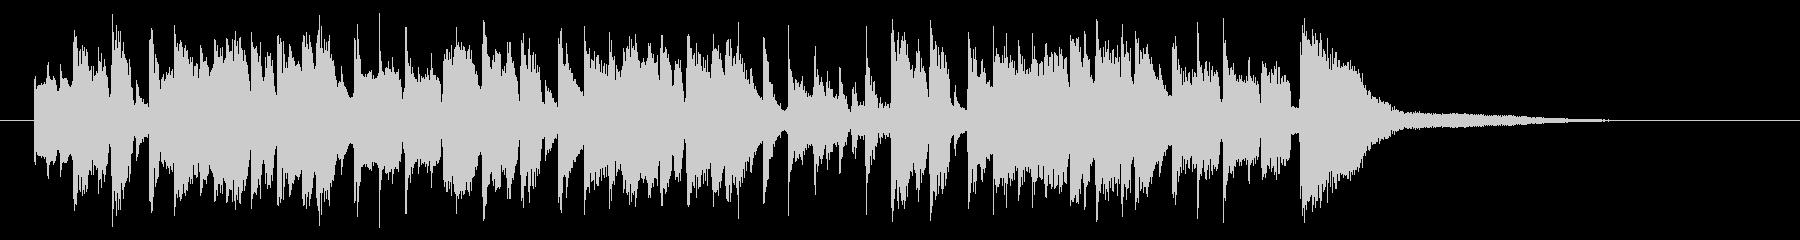 躍動感ある可憐なピアノポップジングルの未再生の波形